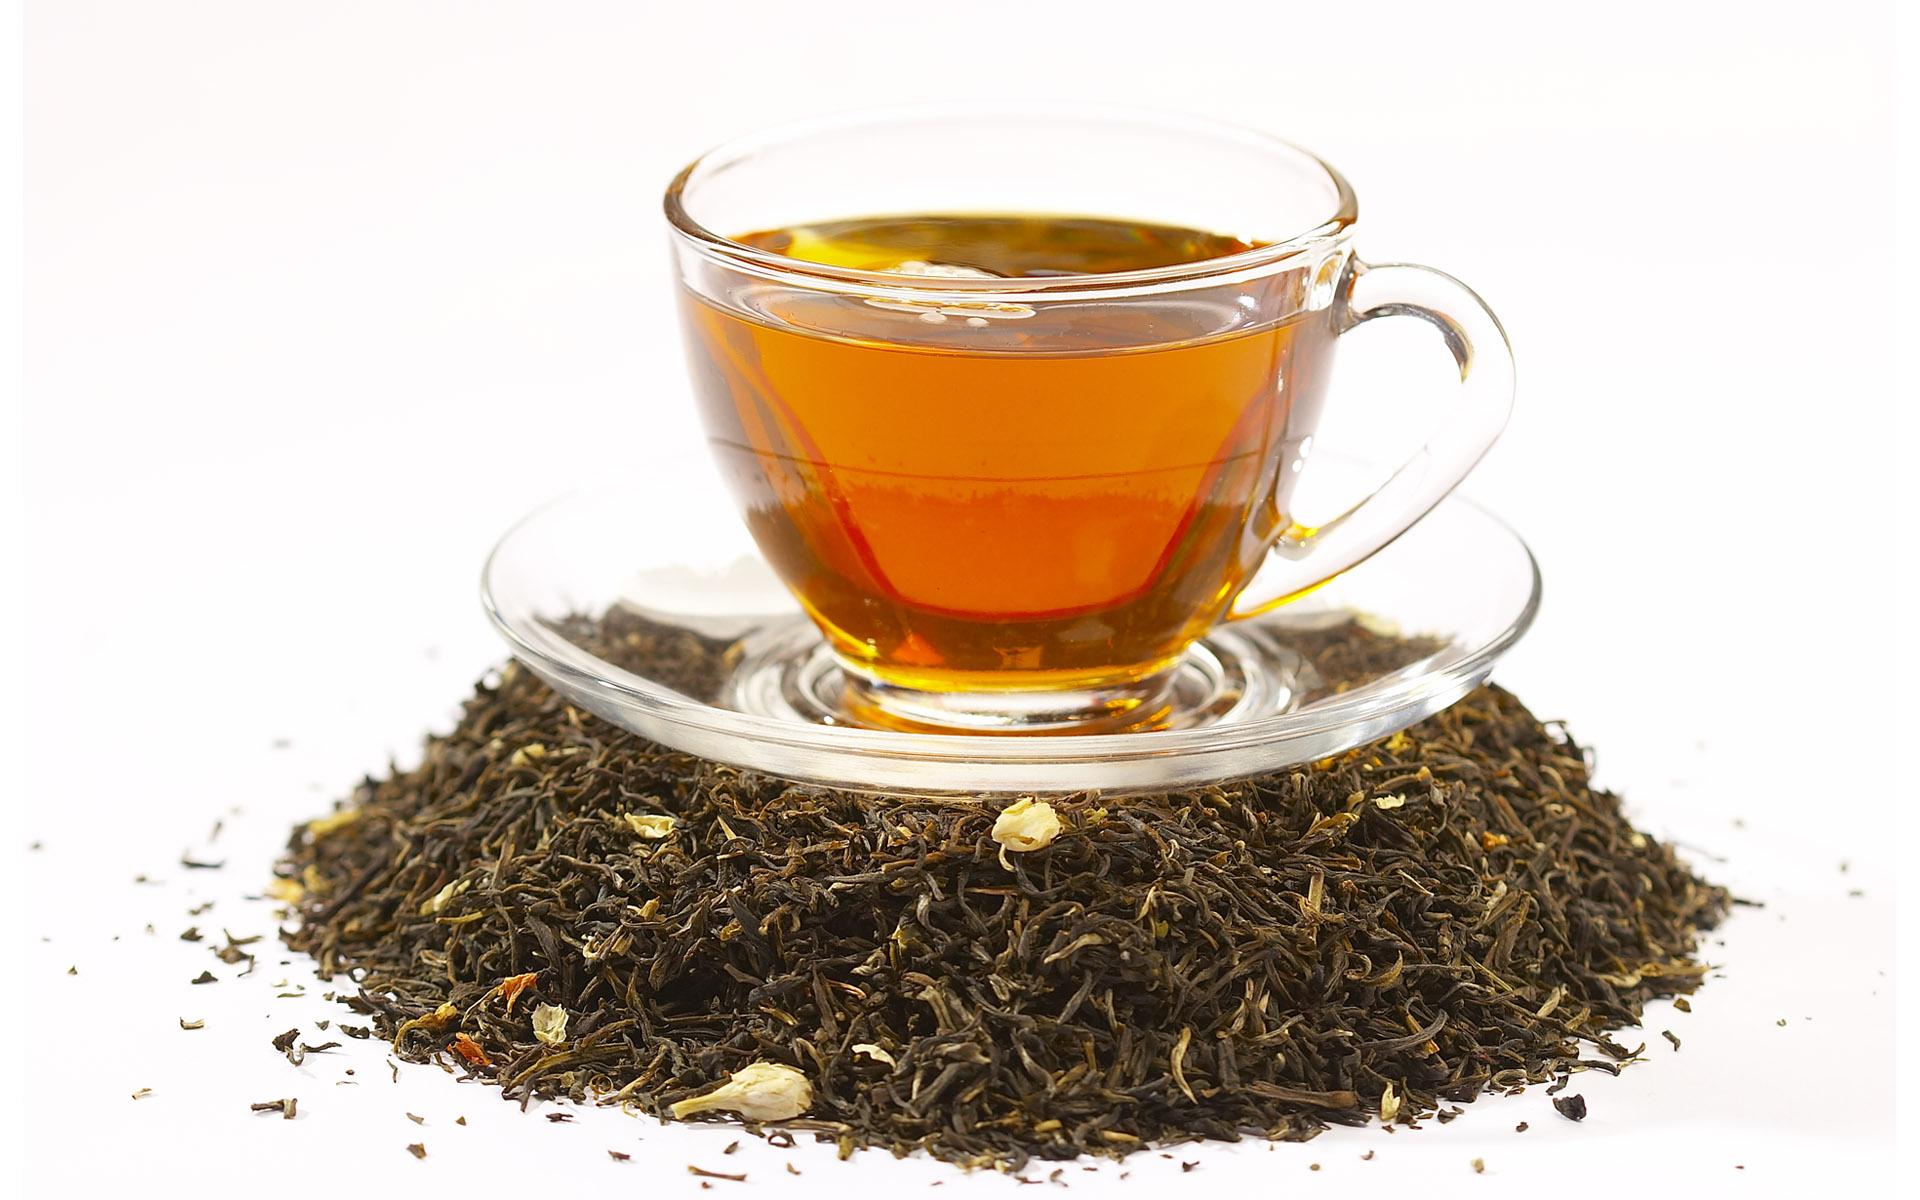 Ученые нашли в чае универсальное средство против кариеса